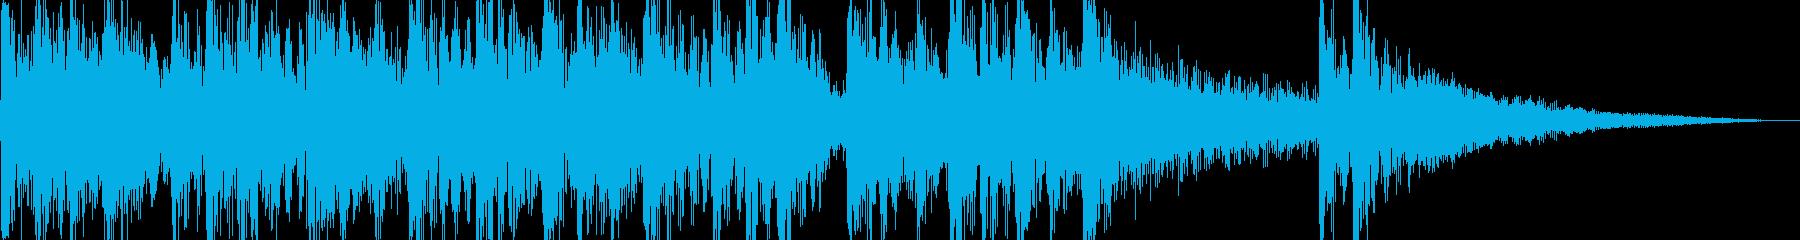 和風ジングルの再生済みの波形